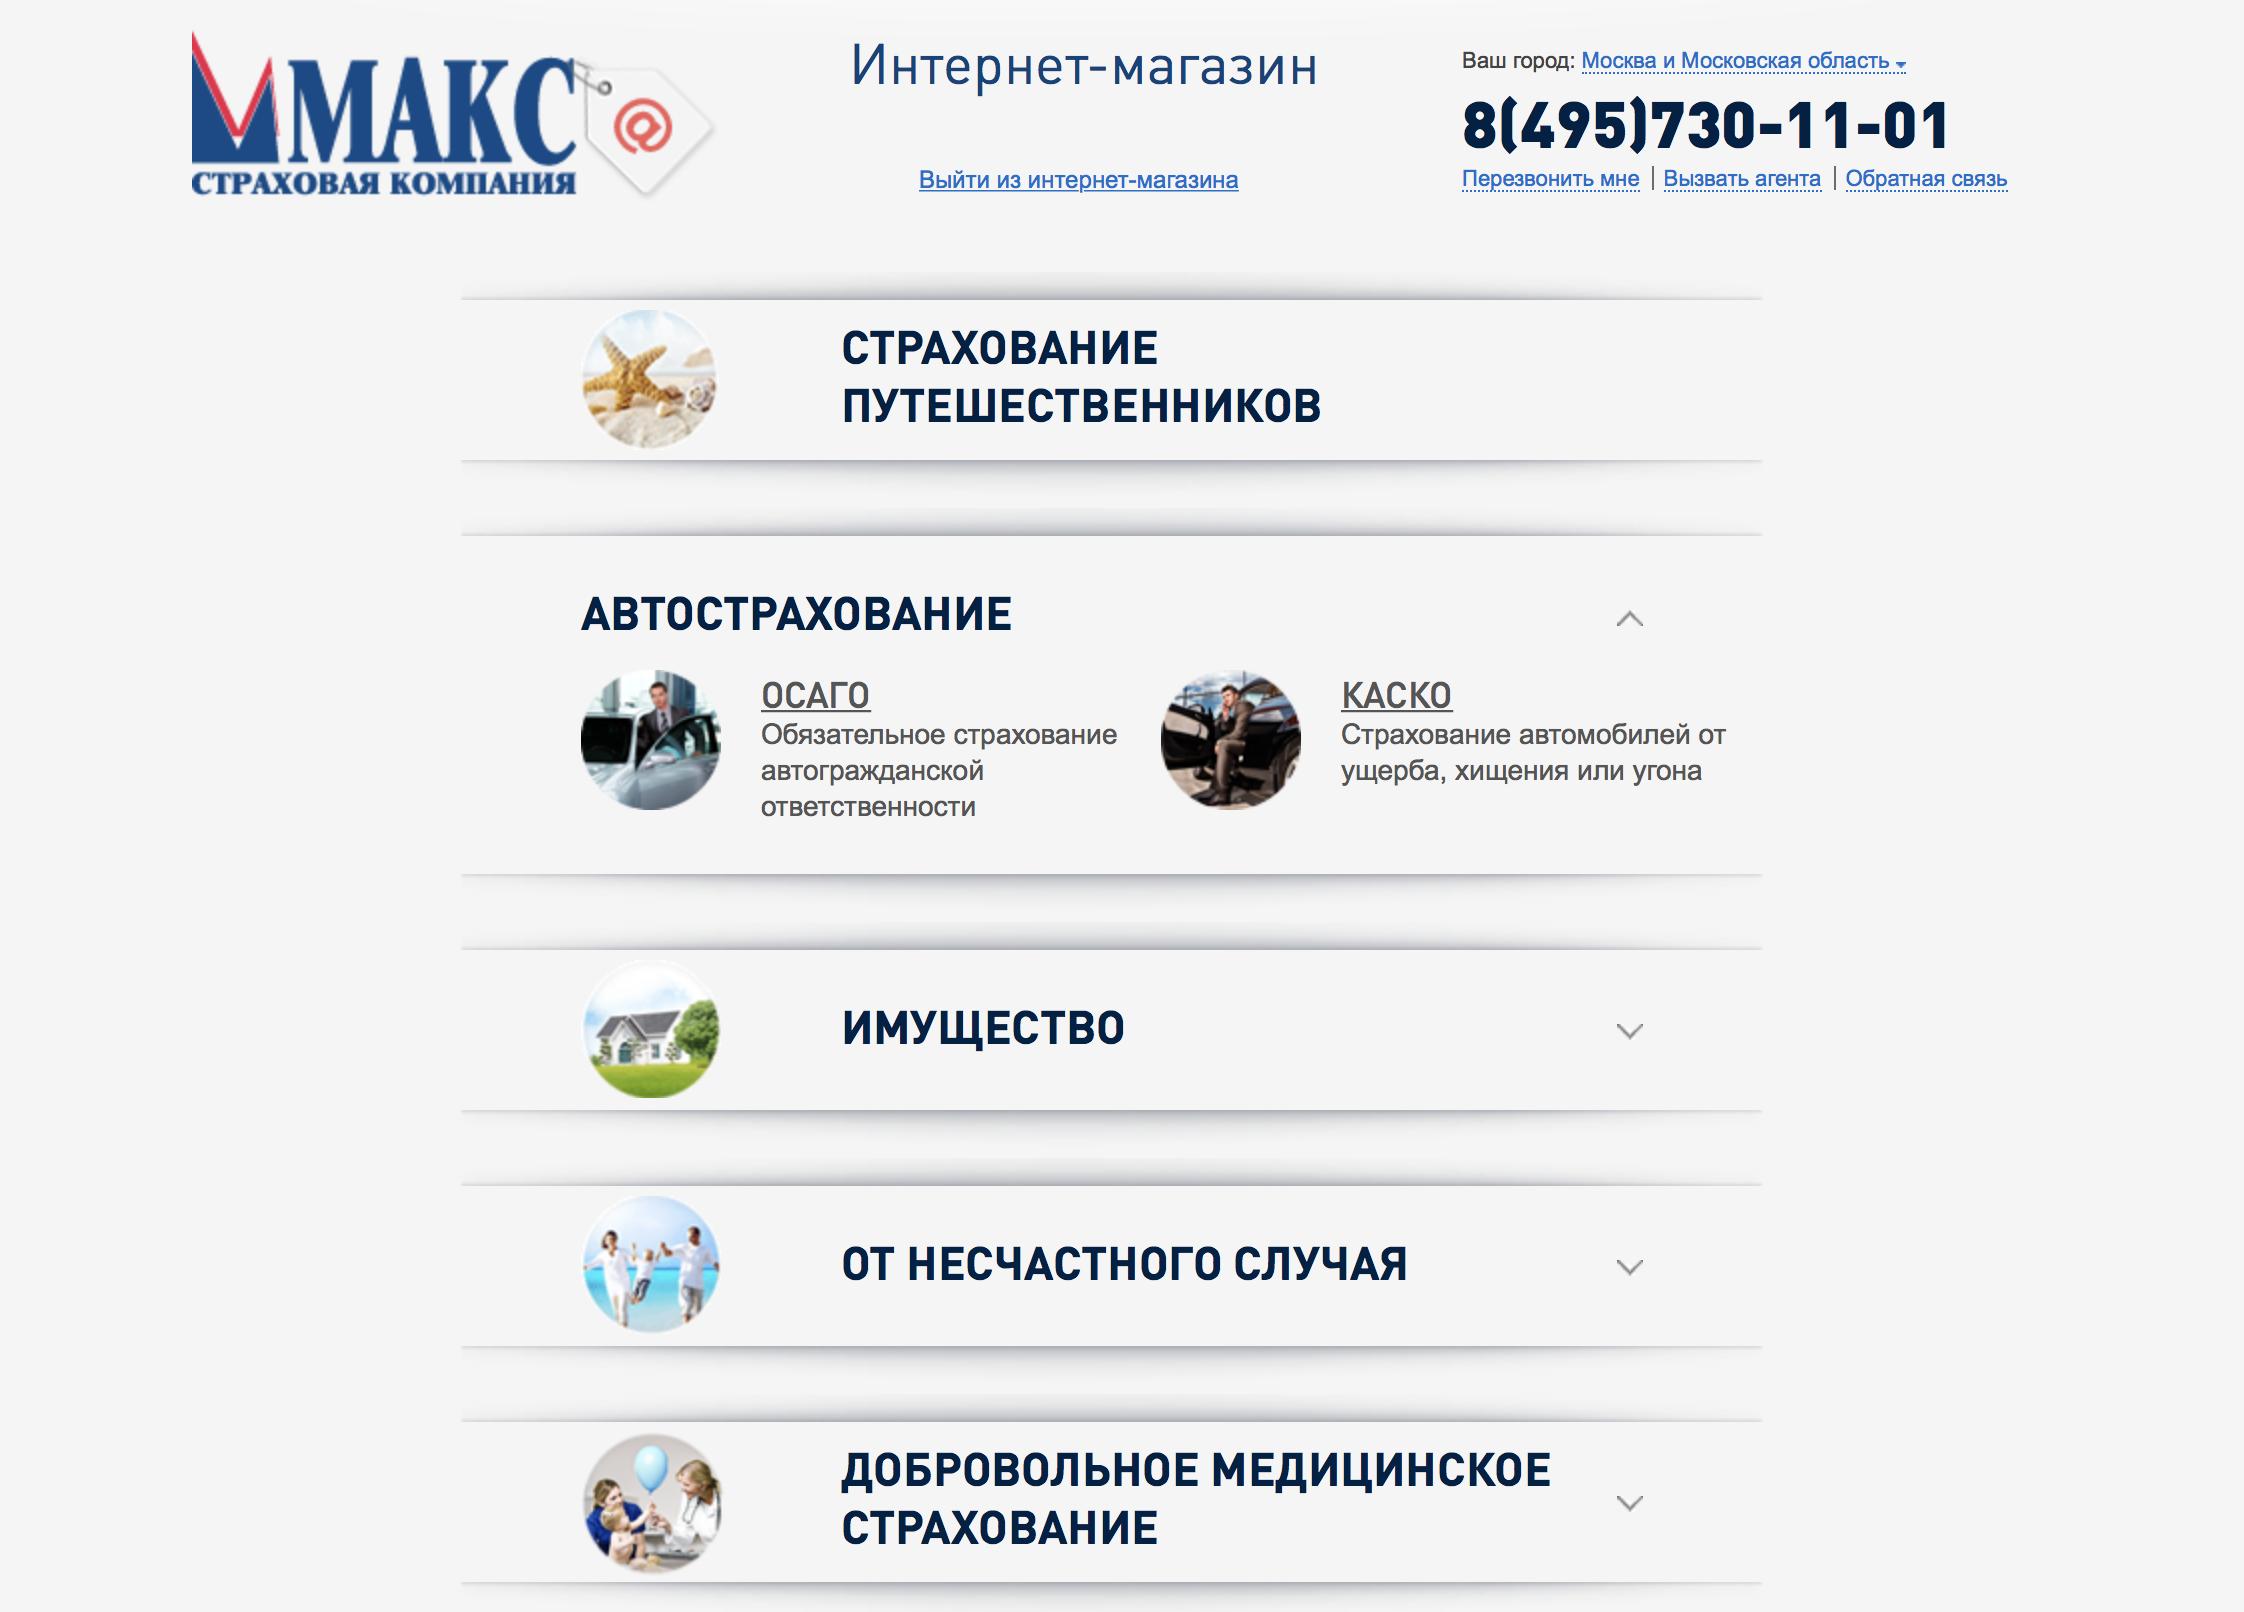 Макс страховая компания официальный сайт москва осаго строительная компания сочи официальный сайт